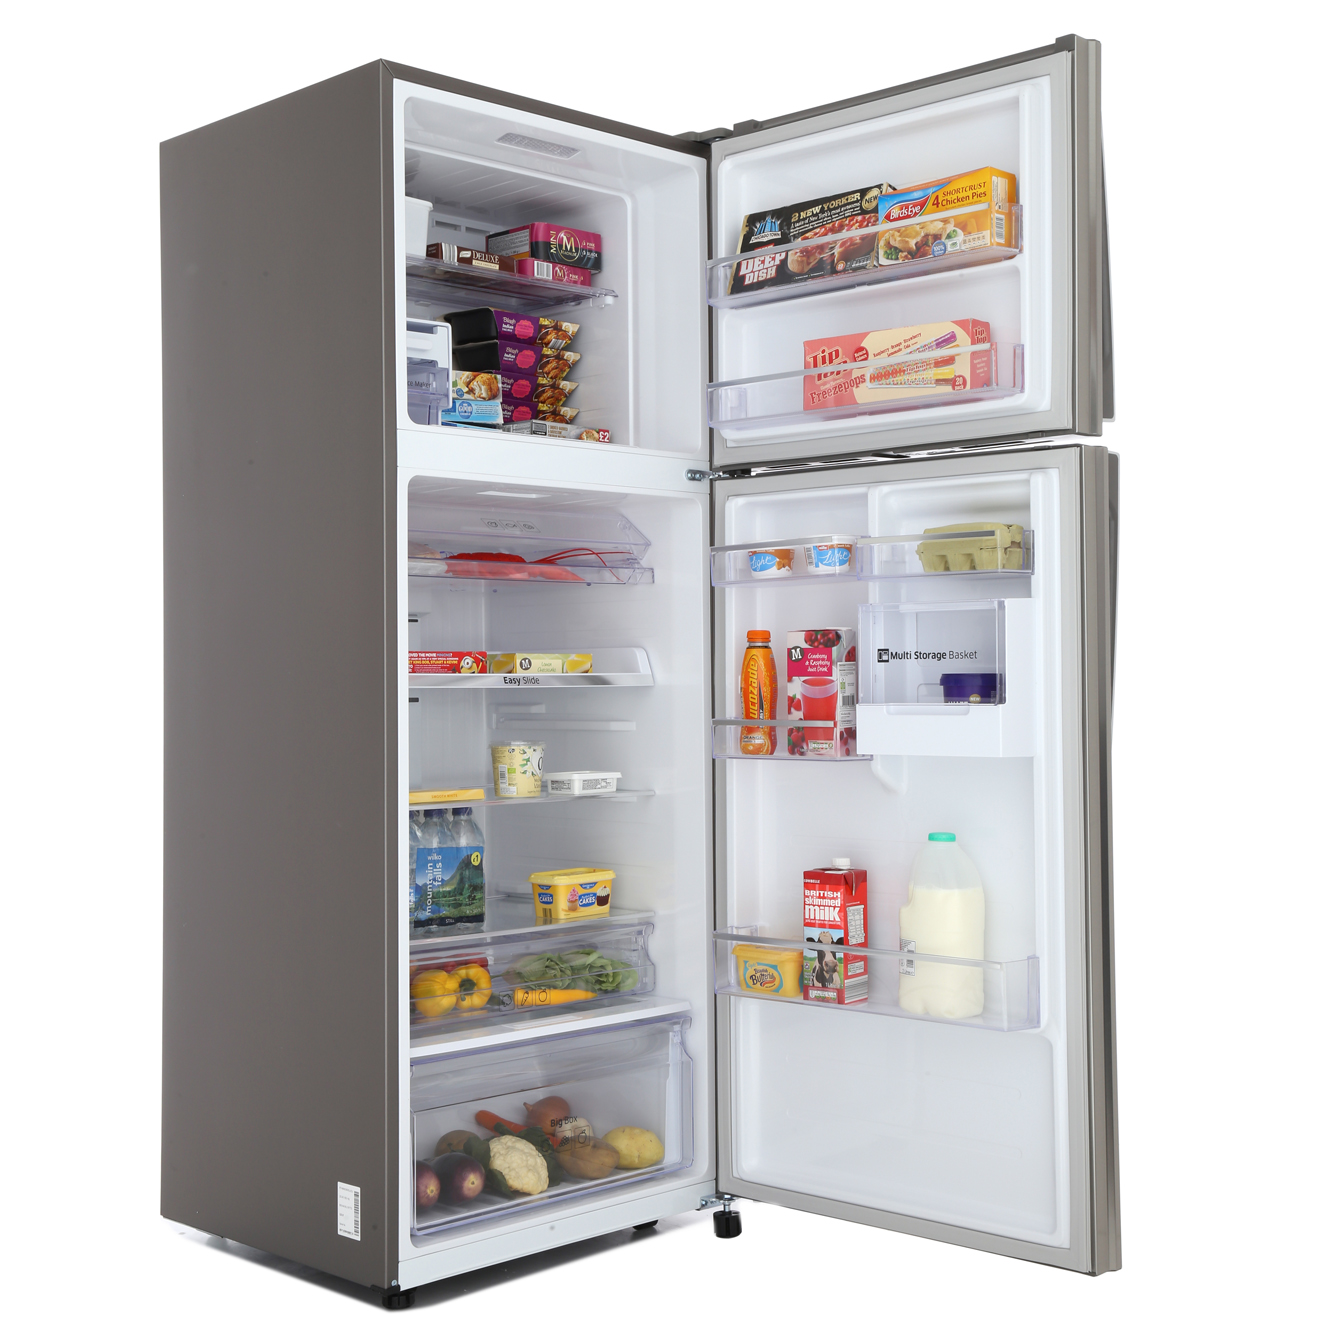 samsung cooltech fridge freezer manual